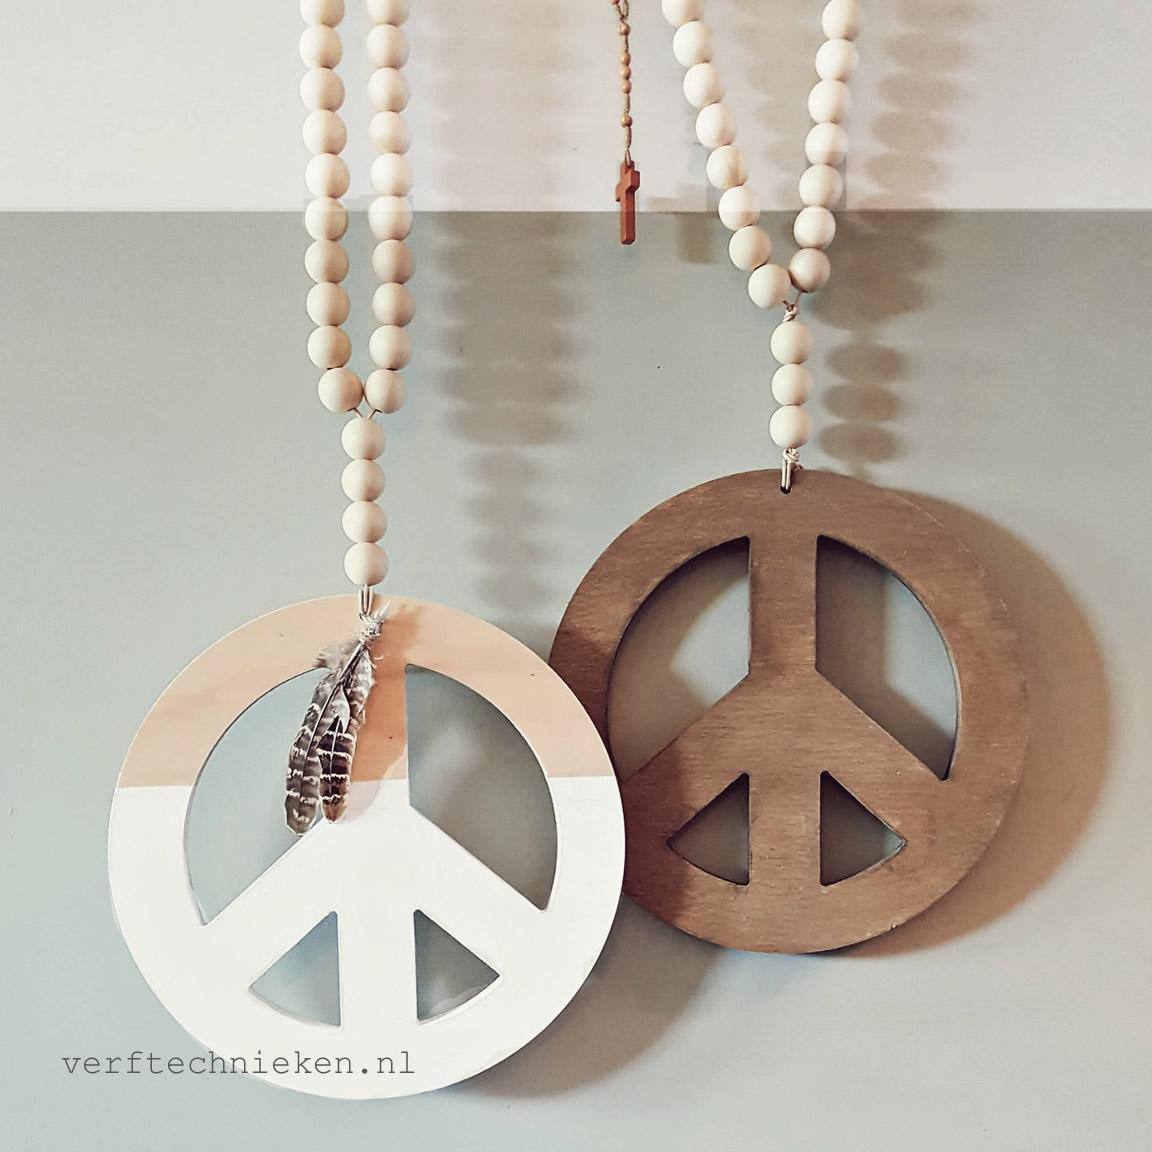 DIY-Pakket Woonketting Peace-verftechnieken.nl